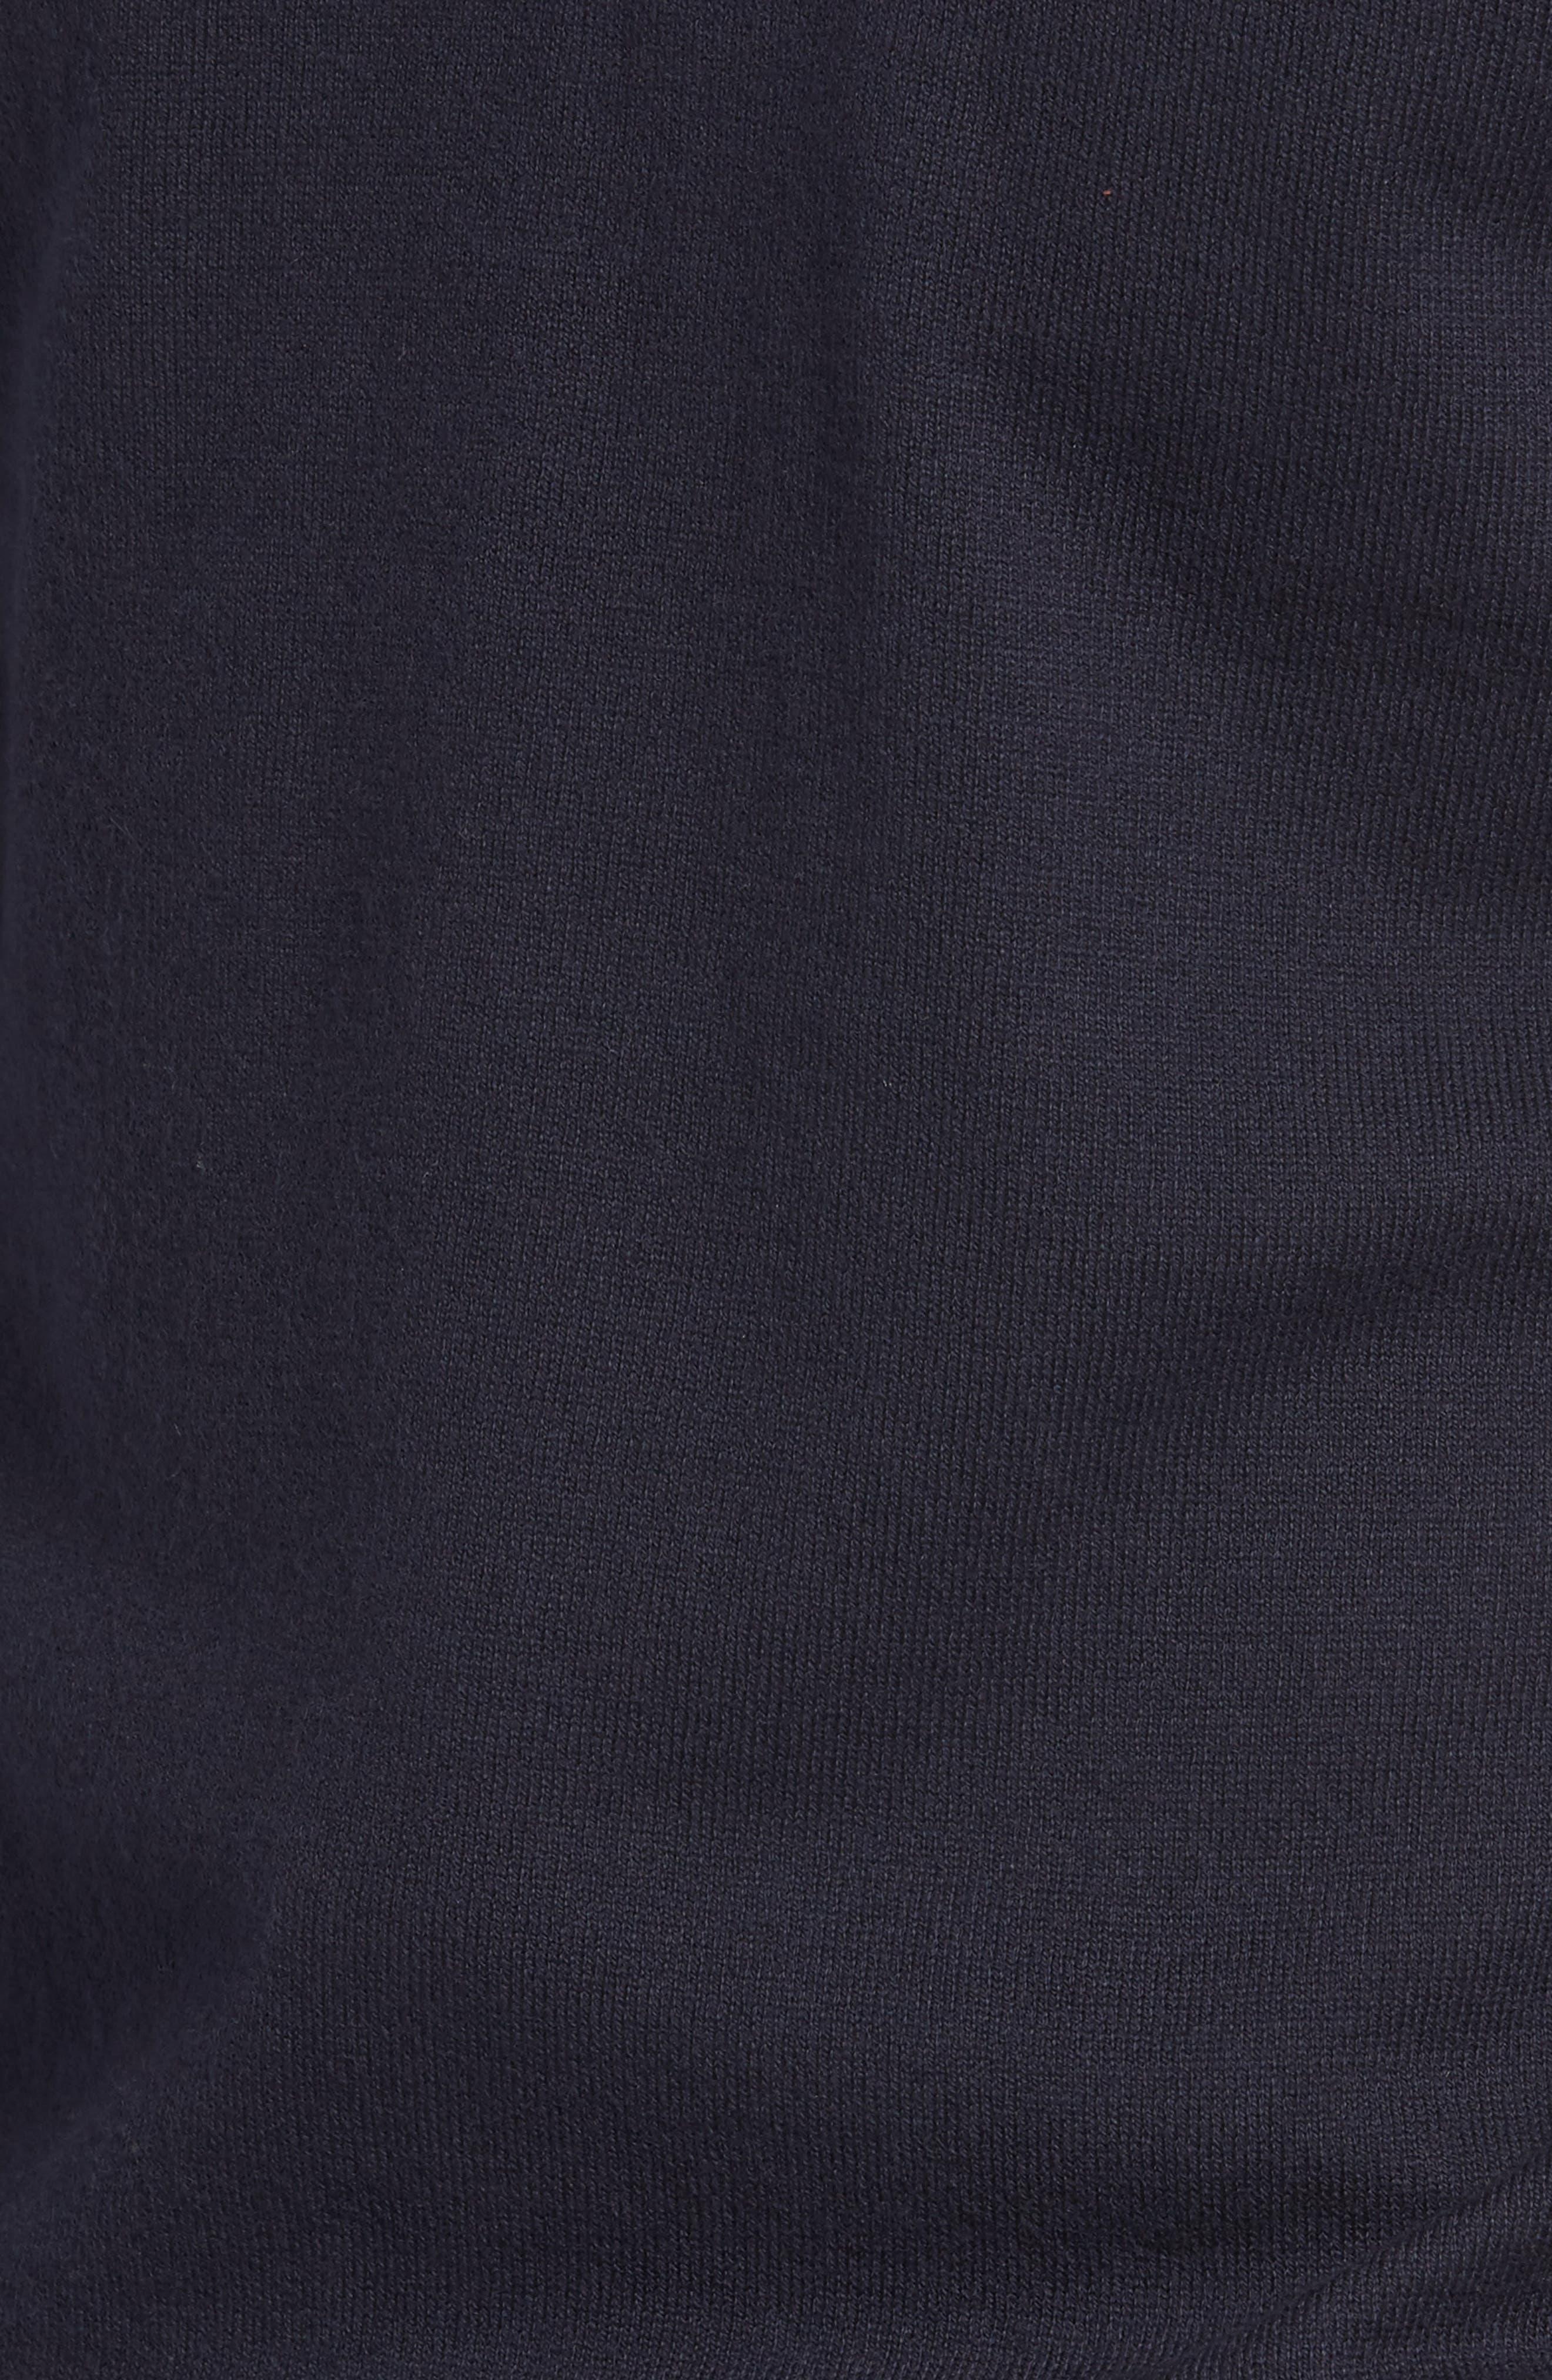 Alternate Image 5  - Nordstrom Men's Shop Saddle Shoulder Quarter Zip Cotton & Cashmere Pullover